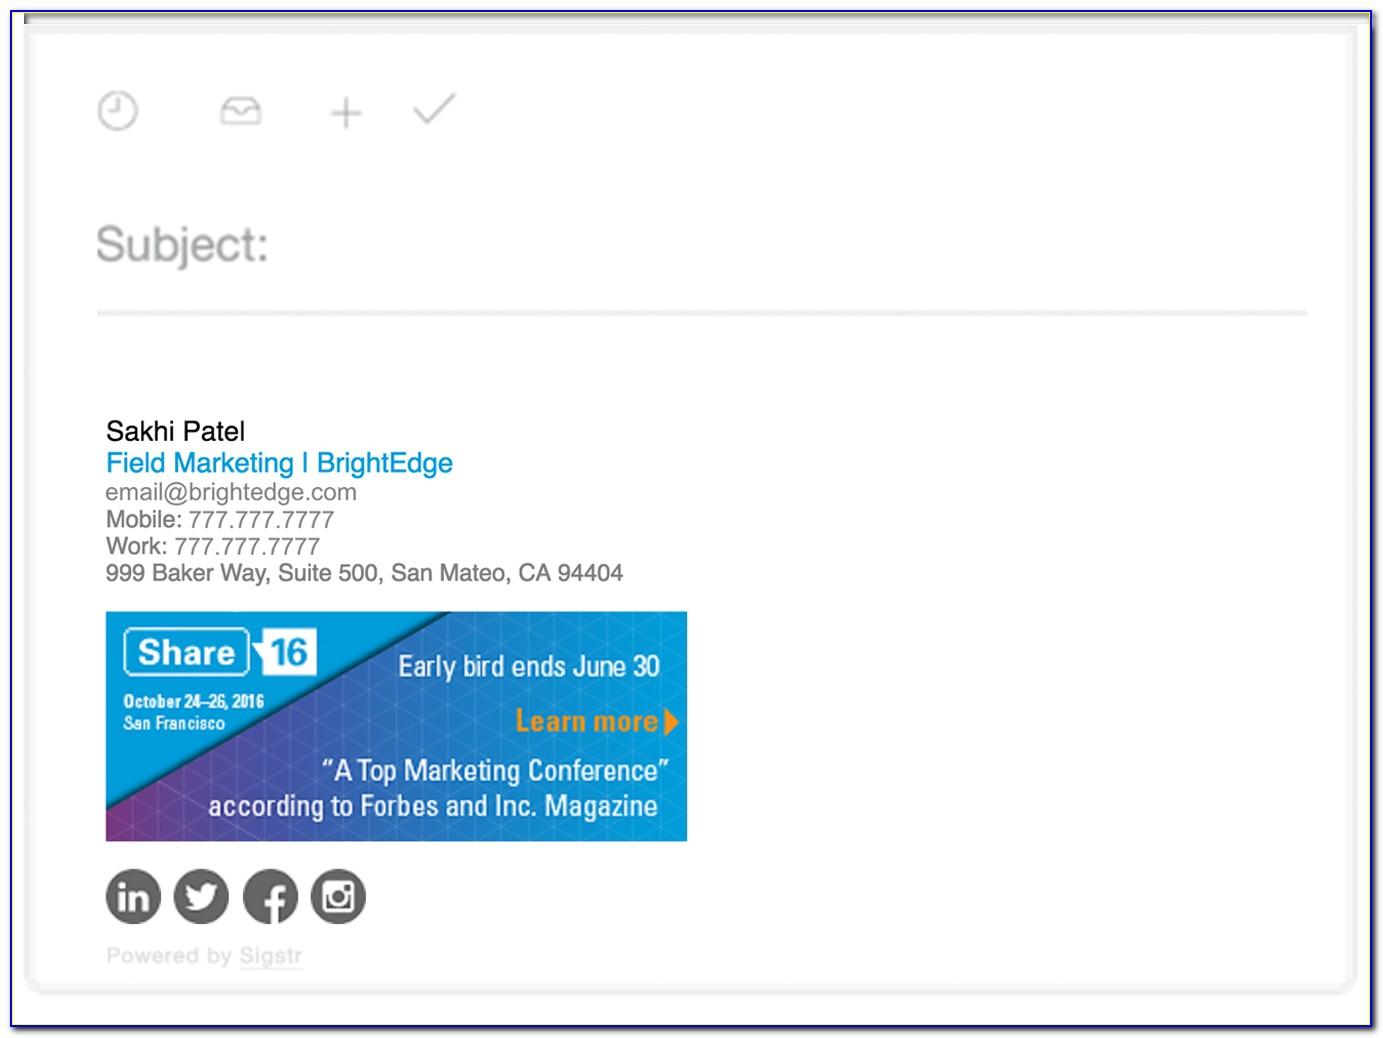 Html Email Signature Design Free